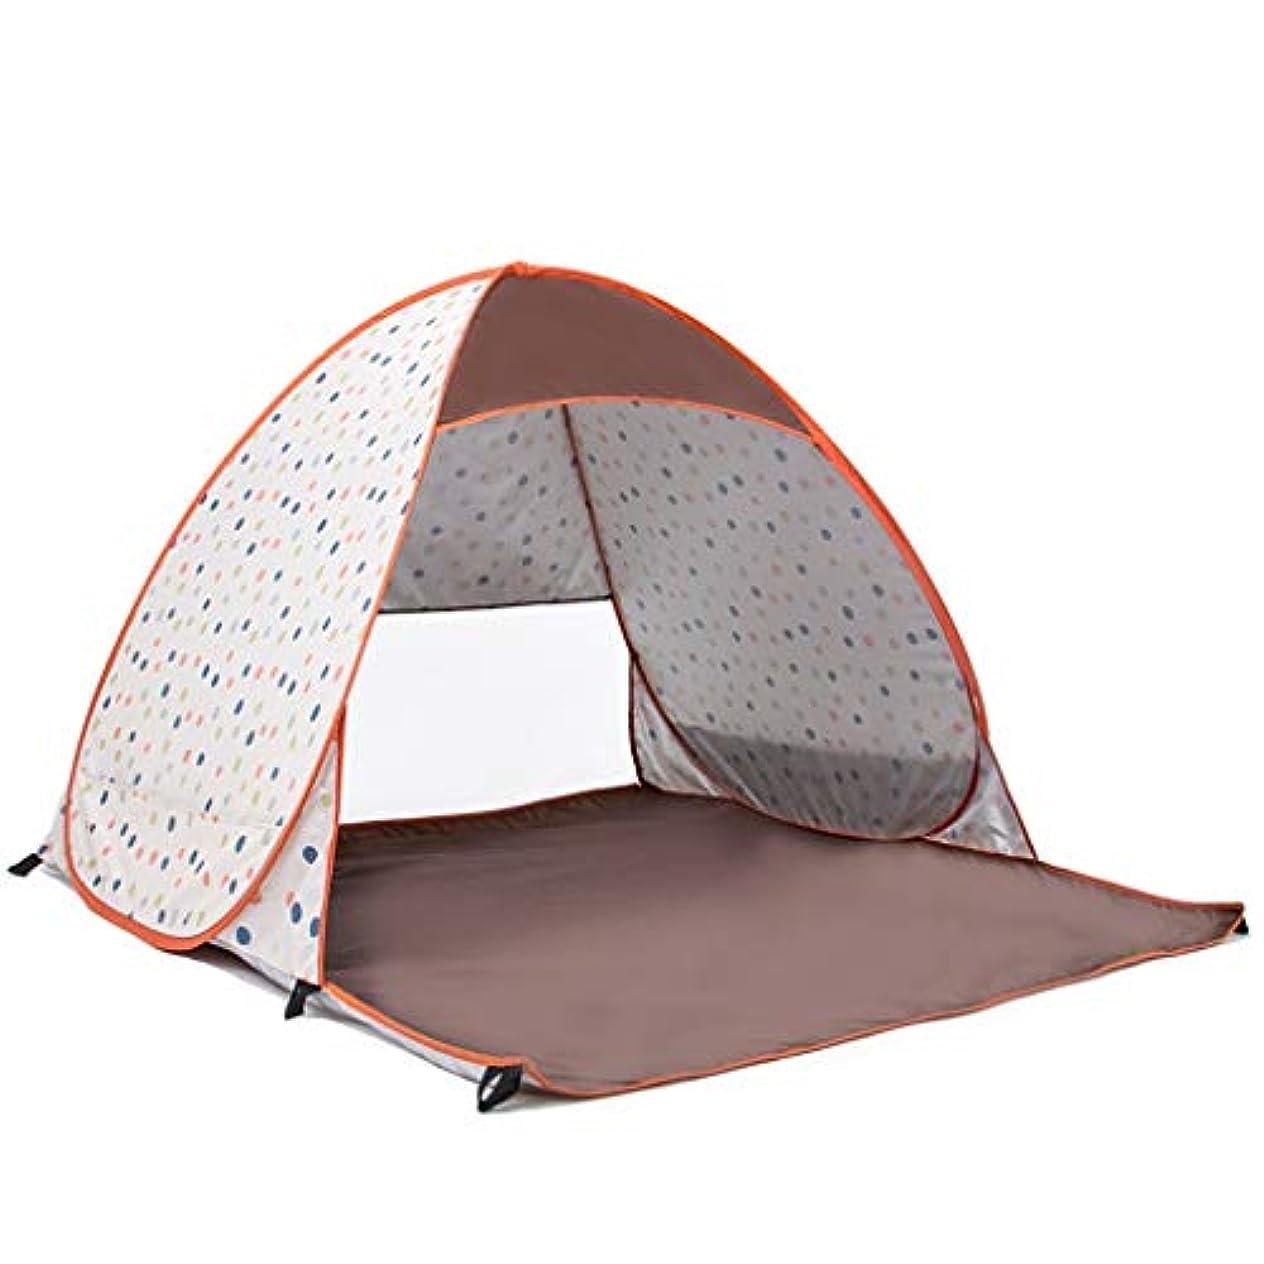 ジョージバーナード値奨学金IDWOI テント テント自動インスタントポップアップ1-2人防水ビーチテント屋外軽量ドームテント、2色 (Color : Brown)